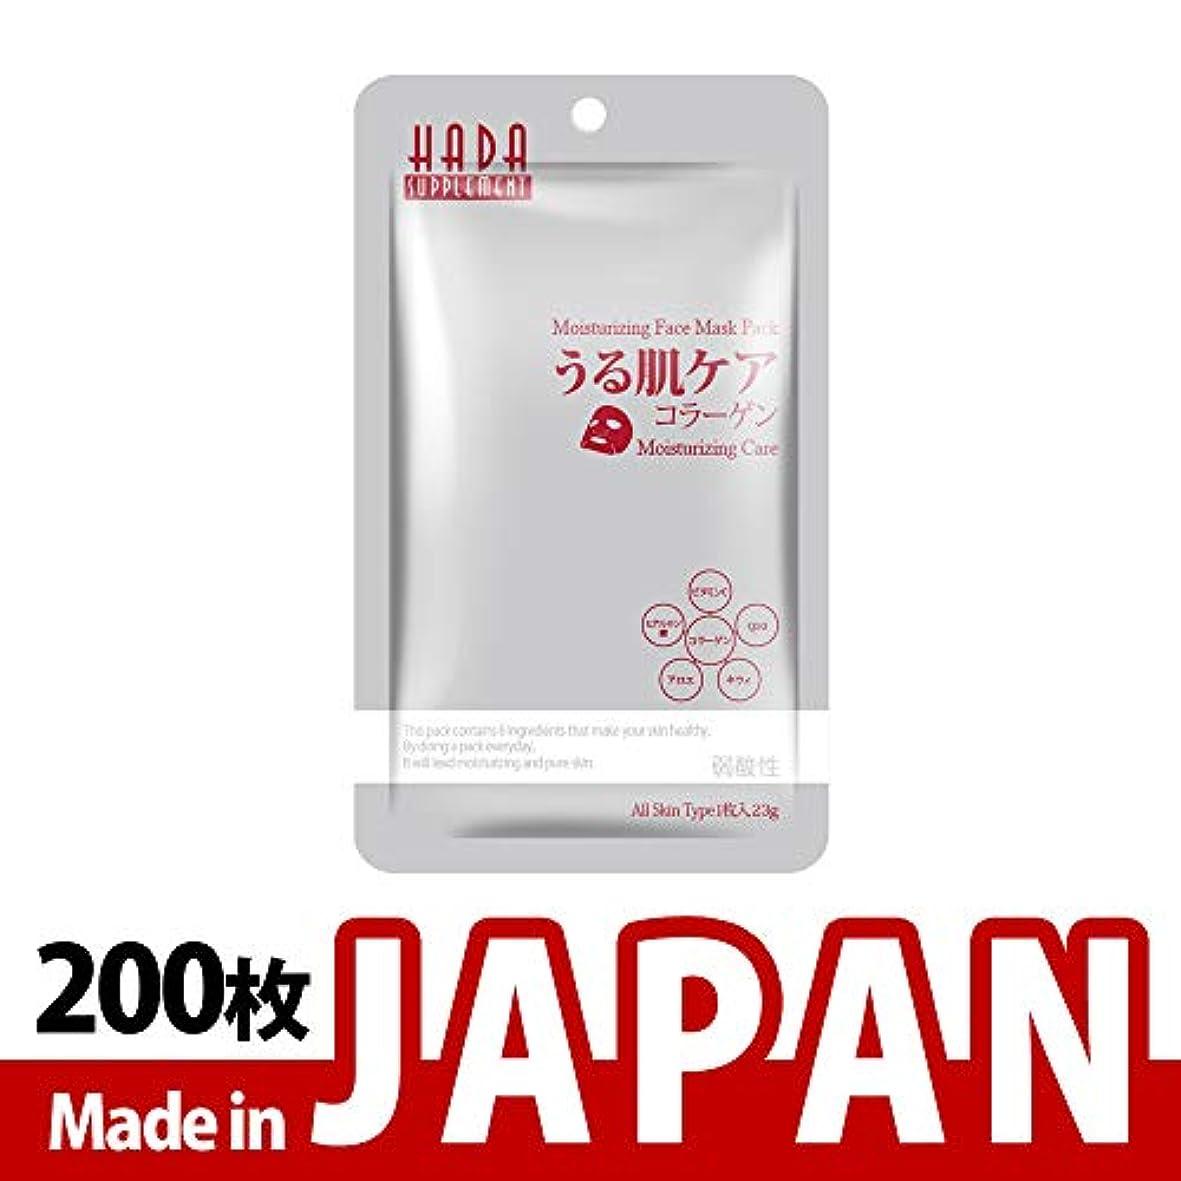 位置づける誤解壁紙【HS001-A-1】シートマスク日本製シートマスク/10枚入り/200枚/美容液/マスクパック/送料無料